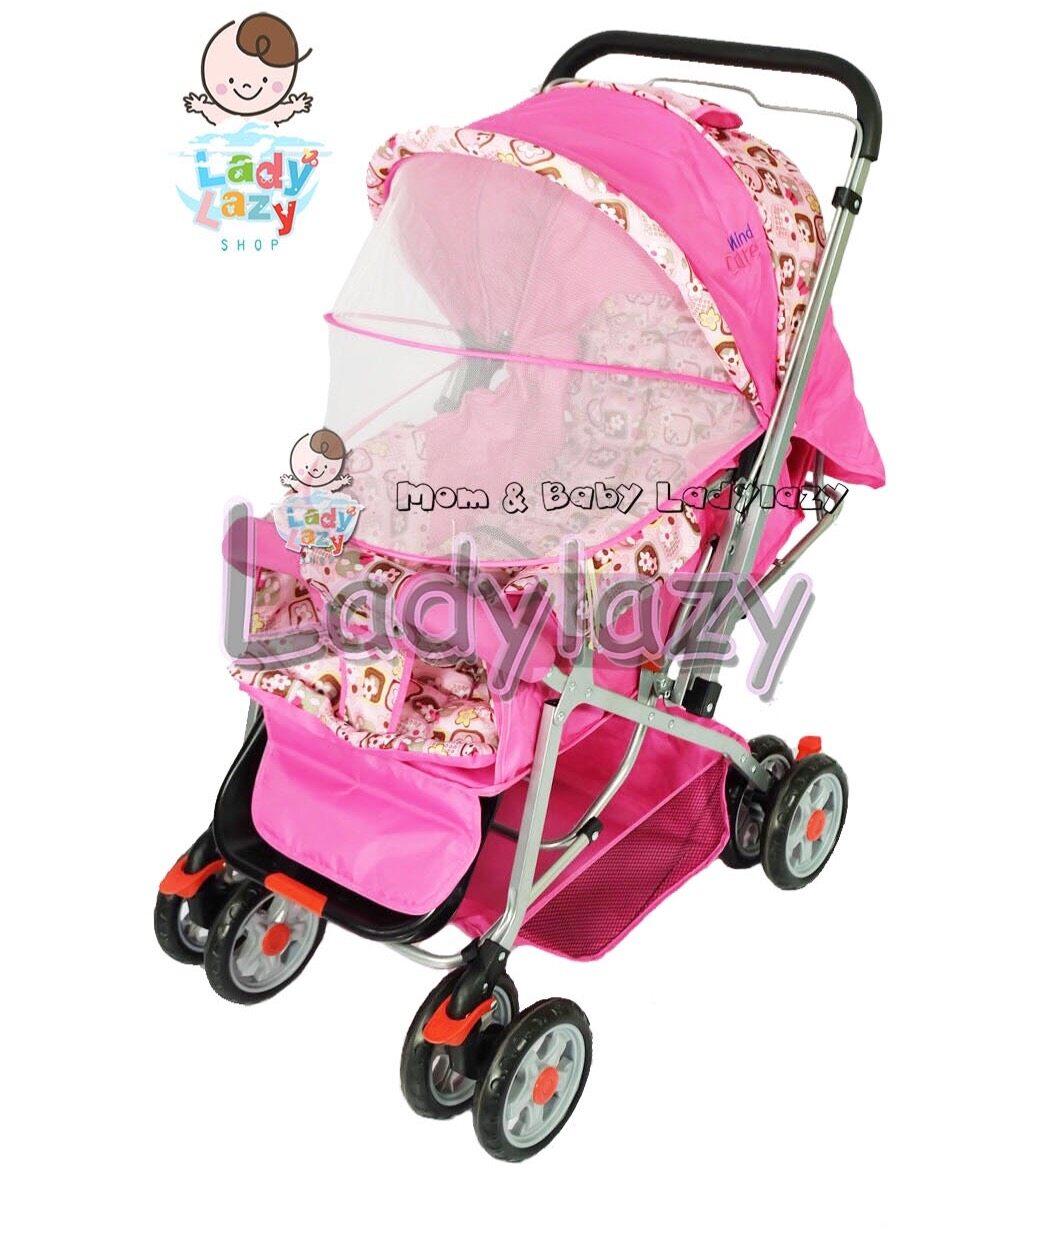 แนะนำ ladylazyรถเข็นเด็ก รุ่น 5301 เข็นหน้า-หลัง ปรับได้ 3 ระดับ มีมุ้งในตัว สีชมพู